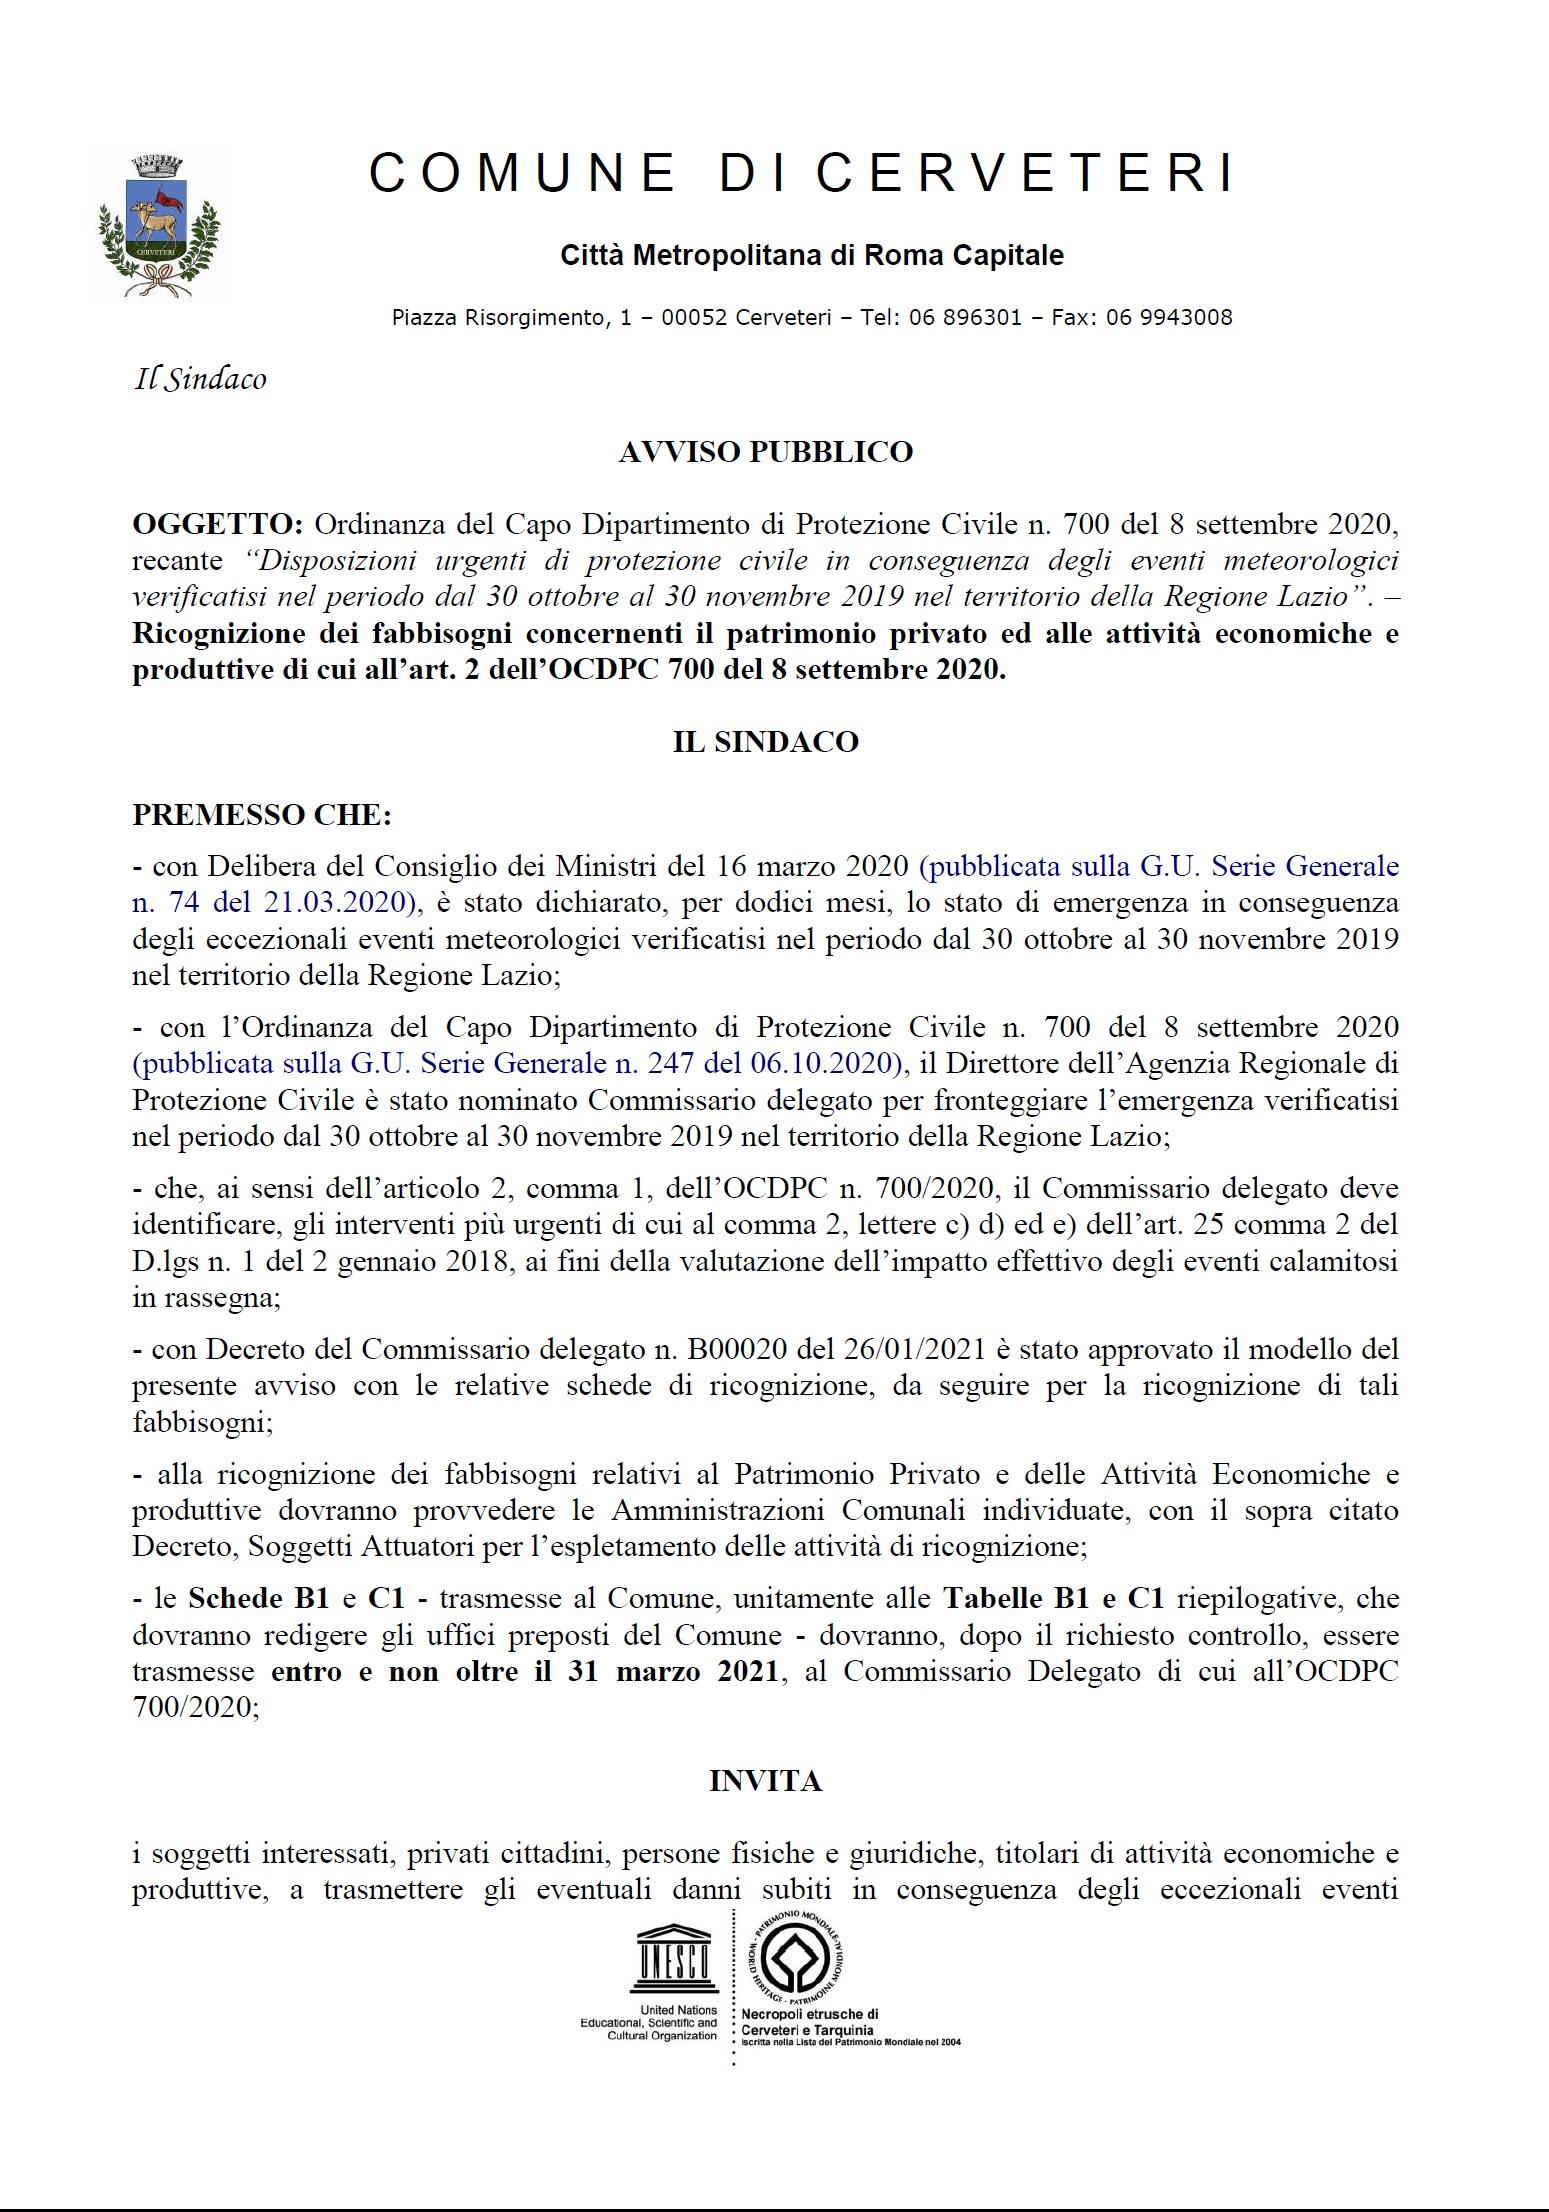 """""""Disposizioni urgenti di protezione civile in conseguenza degli eventi meteorologici verificatisi nel periodo dal 30 ottobre al 30 novembre 2019 nel territorio della Regione Lazio""""."""